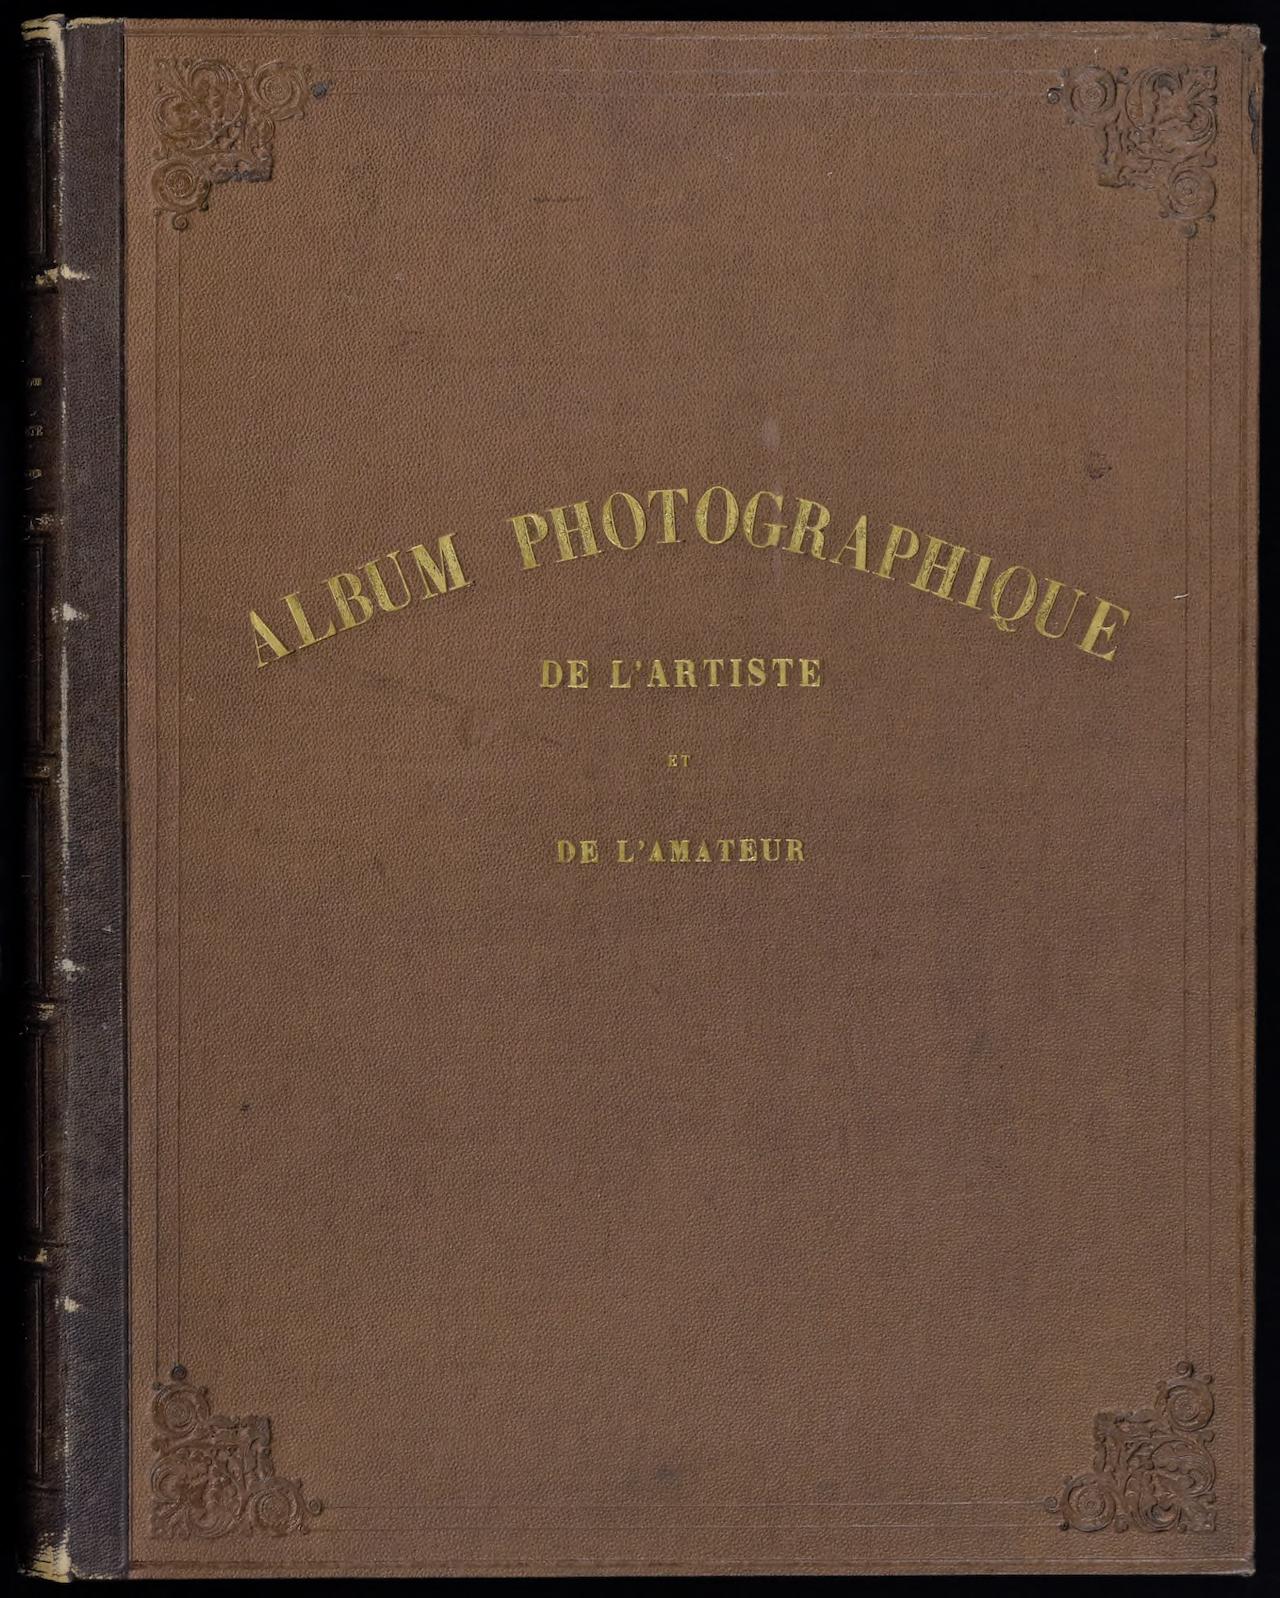 """Cover of Louis Désiré Blanquart-Evrard's """"Album photographique de l'artiste et de l'amateur"""" (1851), published by Lille et al (click to enlarge)"""